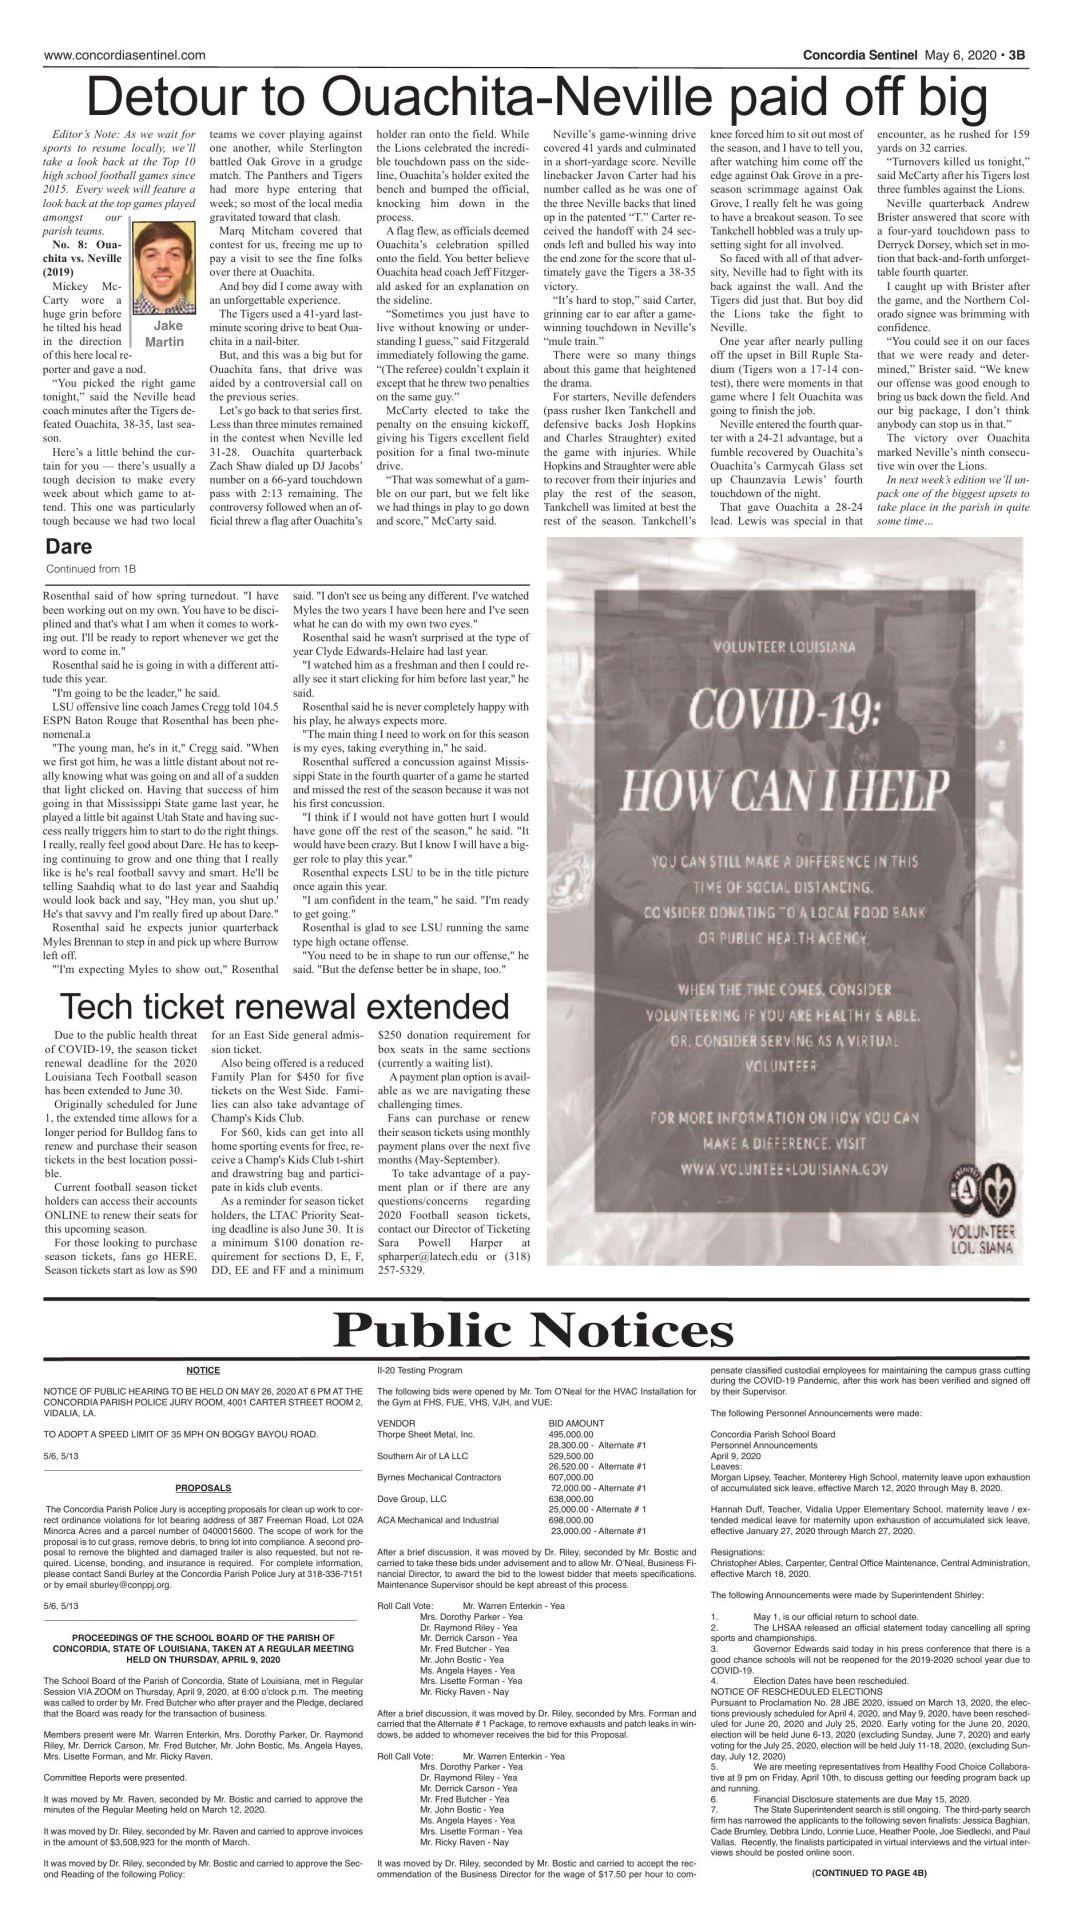 Public Notices - May 6, 2020